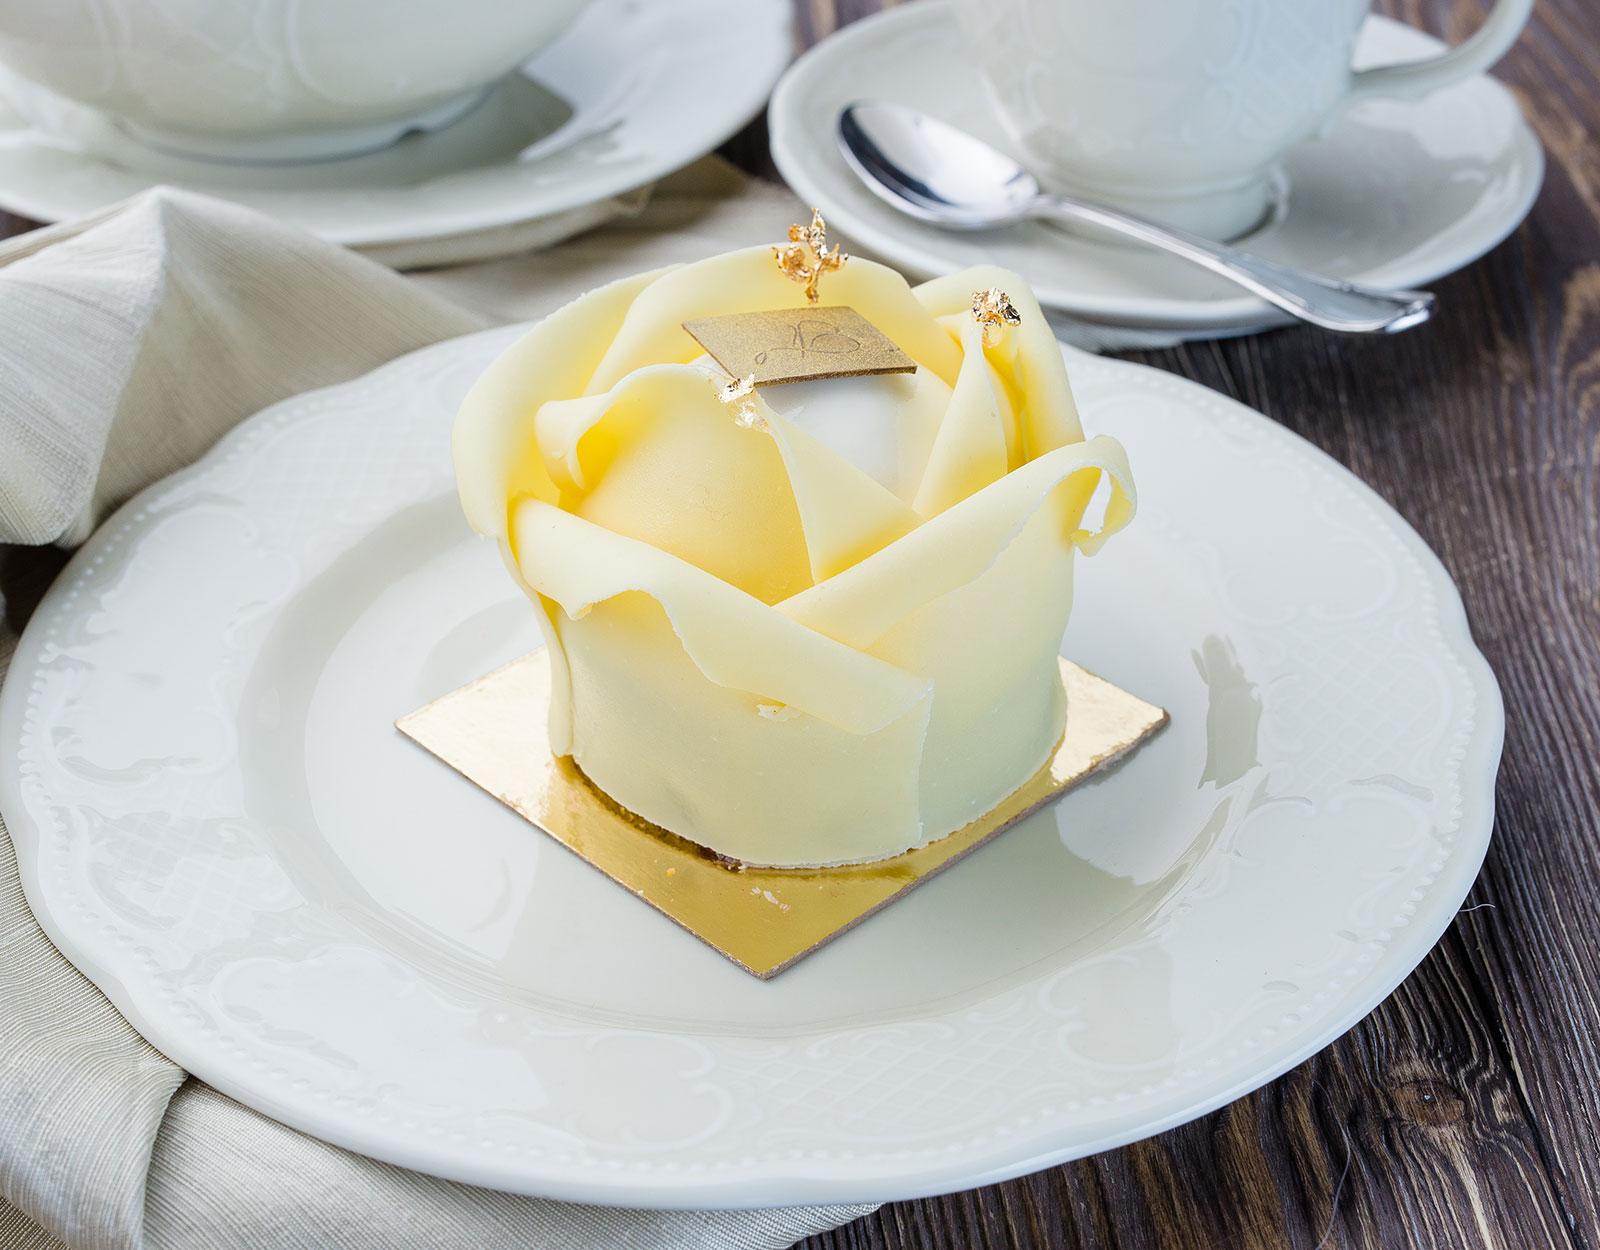 Йогуртовой десертъ съ ягодою и фисташкою (Белая Роза)